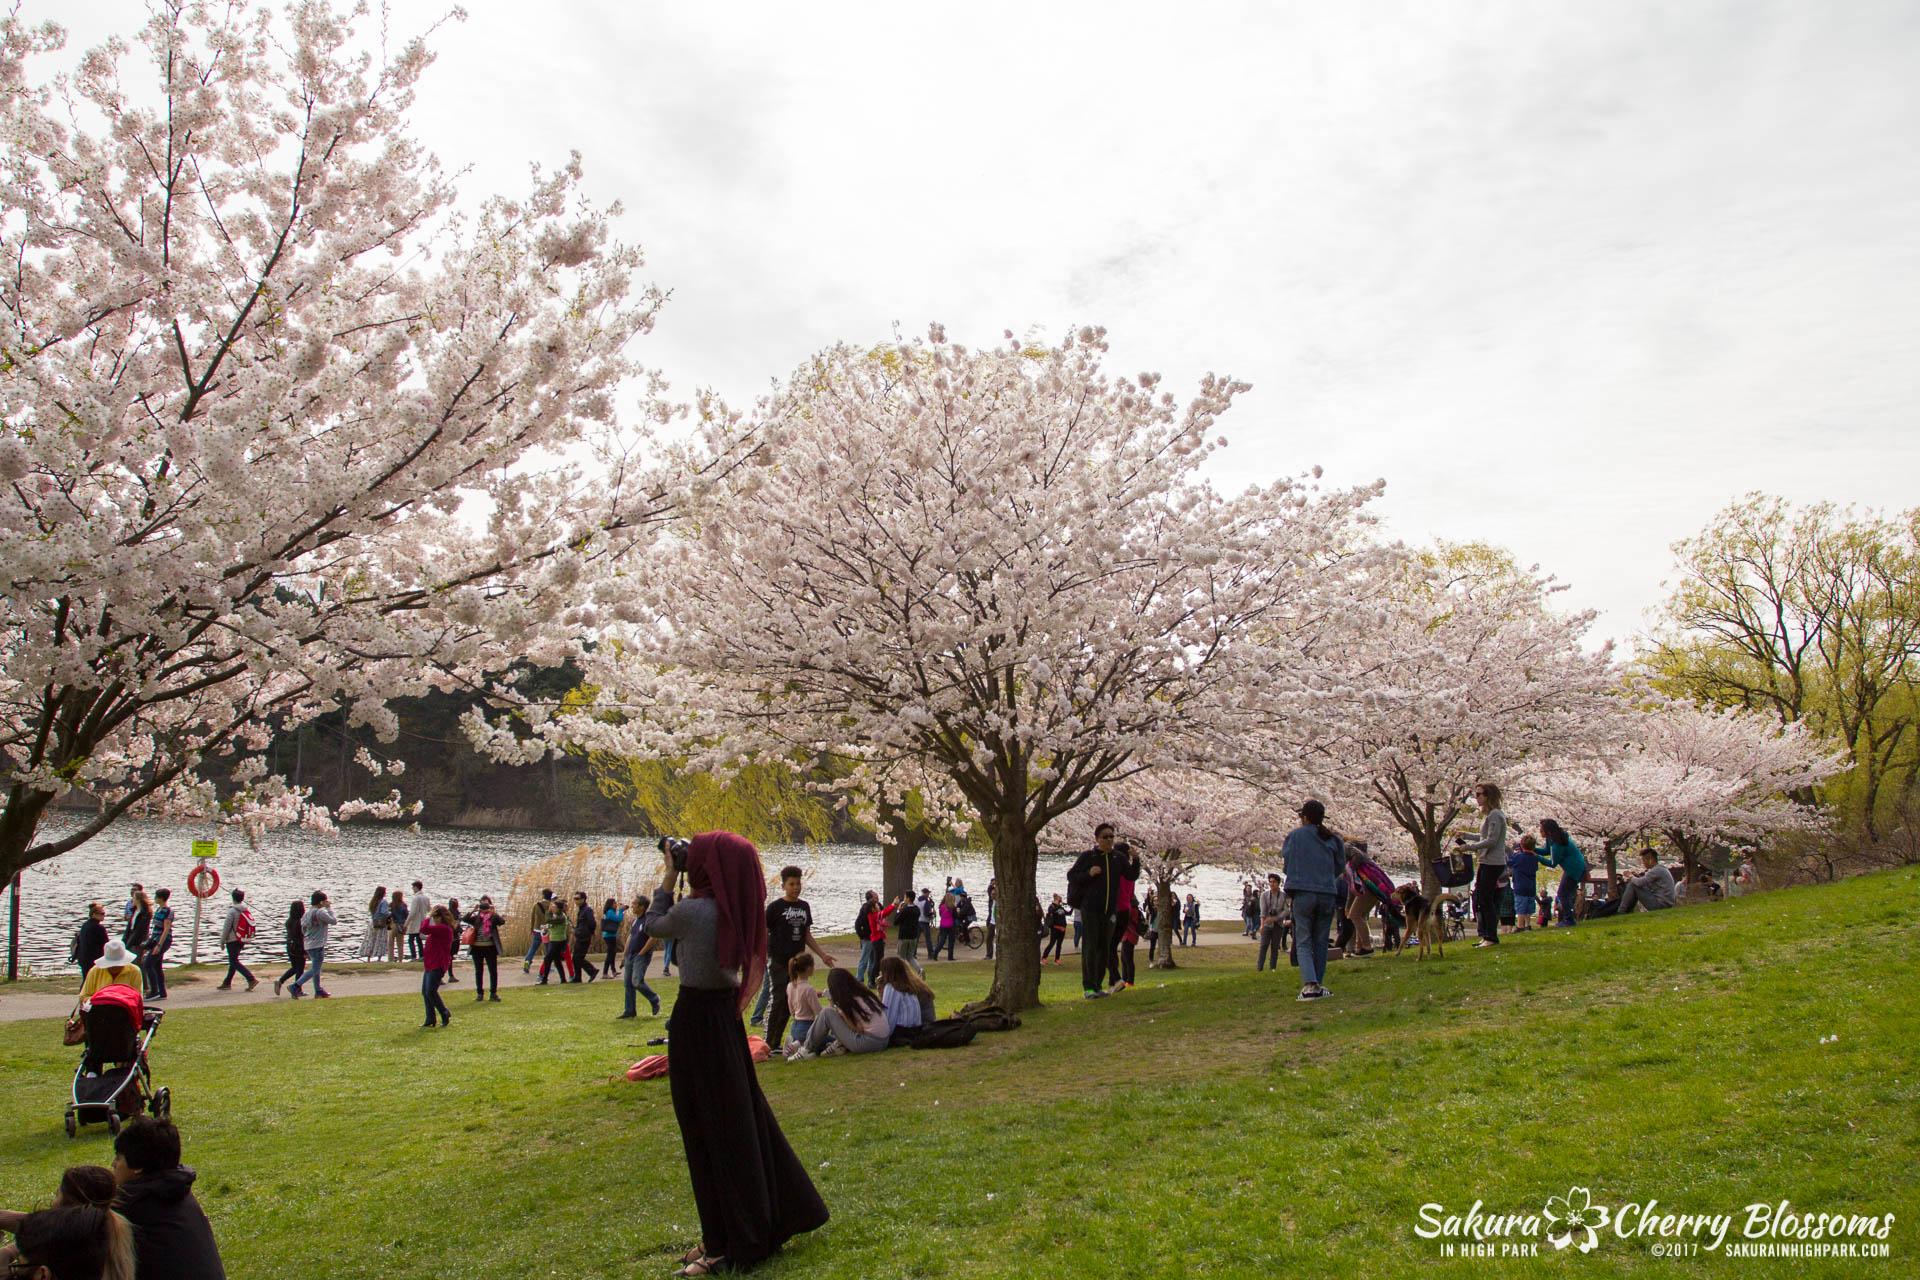 Sakura-Watch-April-28-2017-full-bloom-throughout-High-Park-5854.jpg